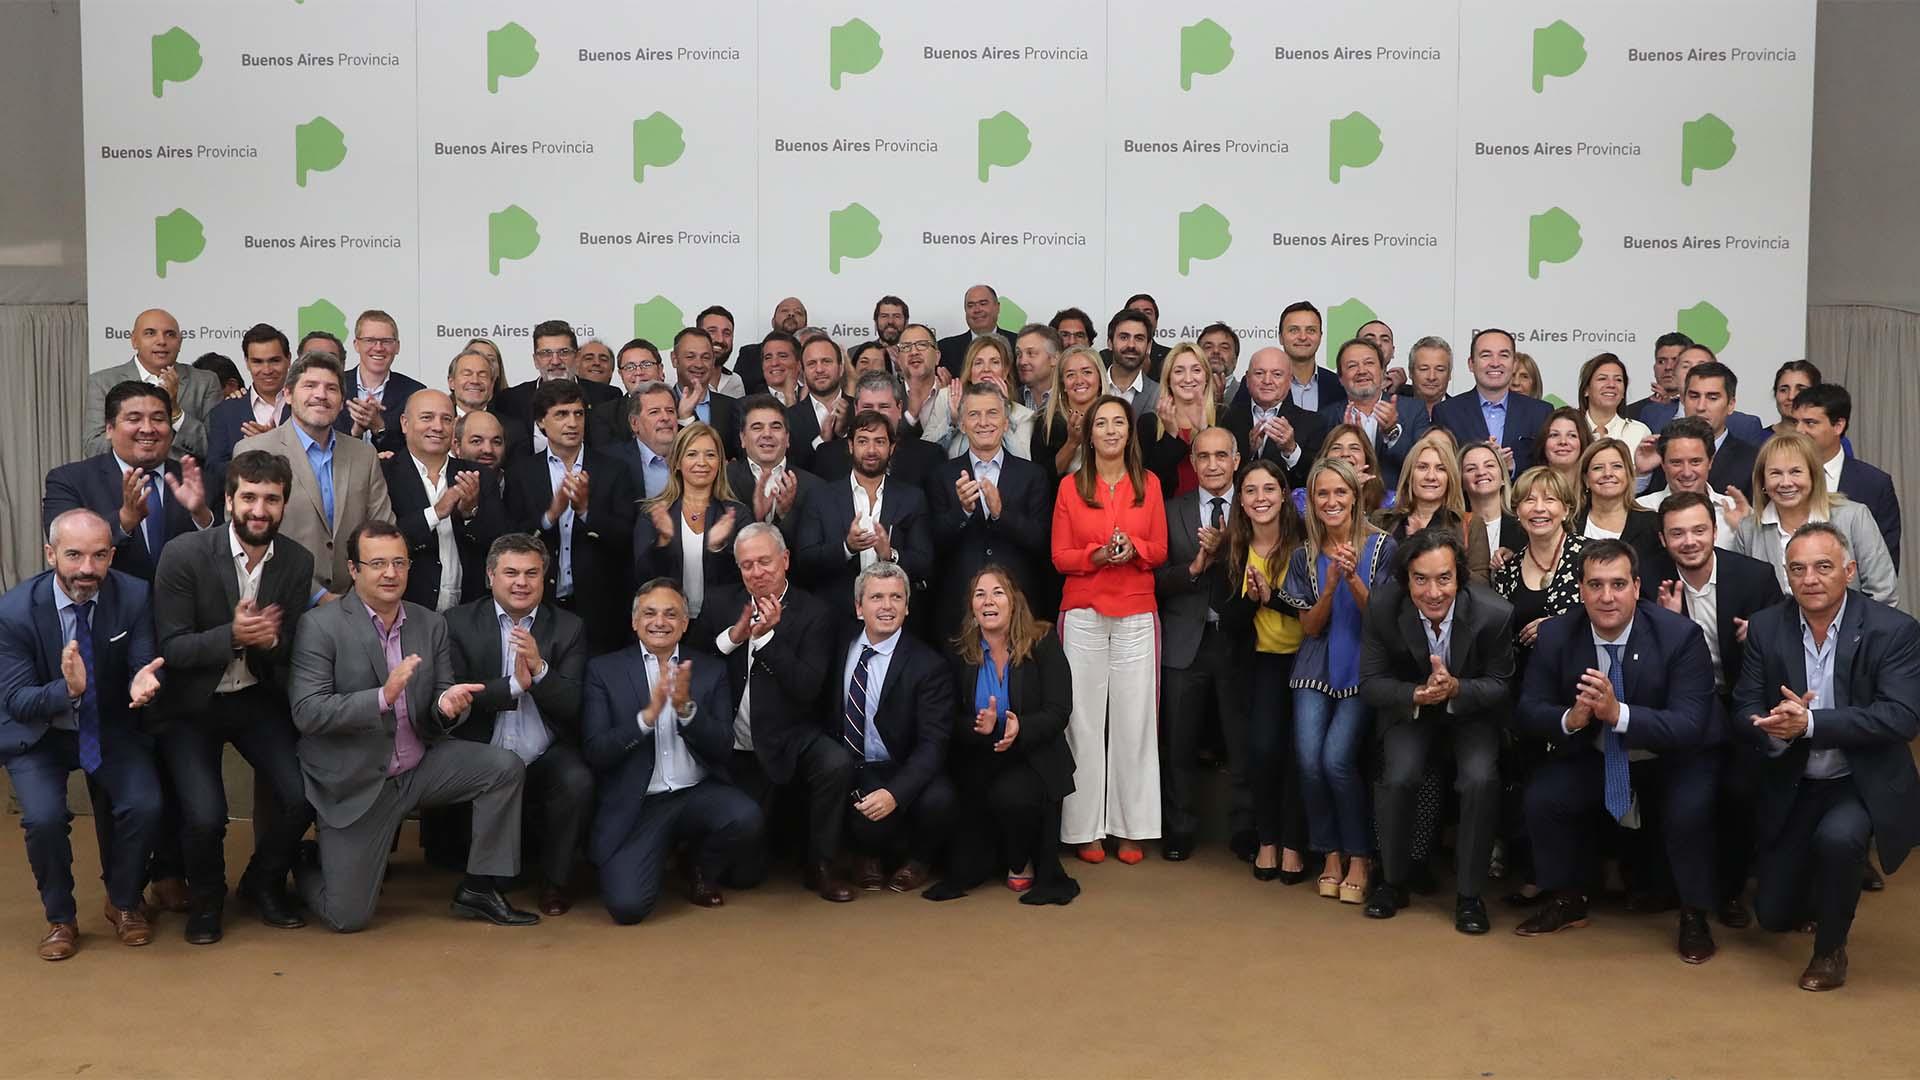 Macri junto a todo el gabinete bonaerense